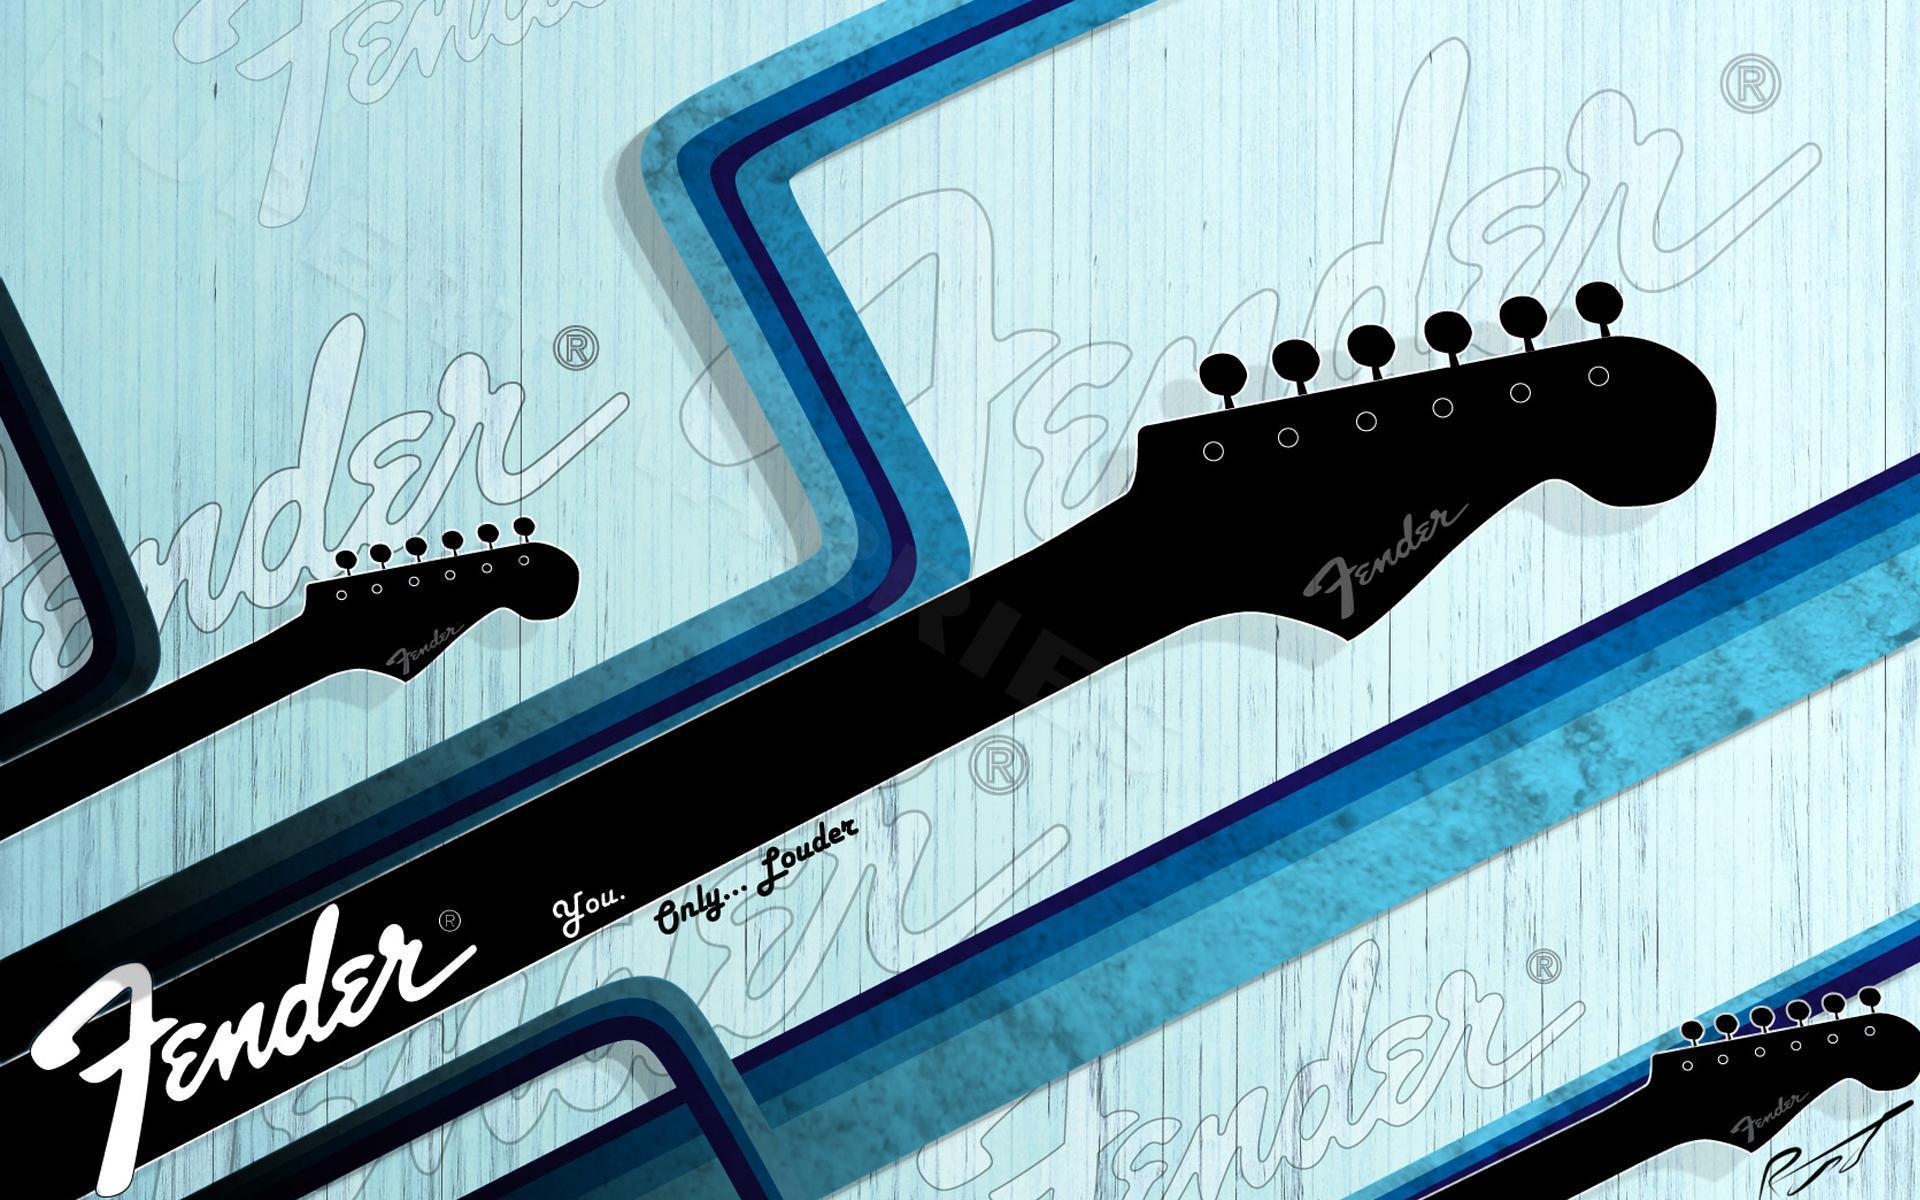 Fender - Guitar Wallpaper (27366949) - Fanpop